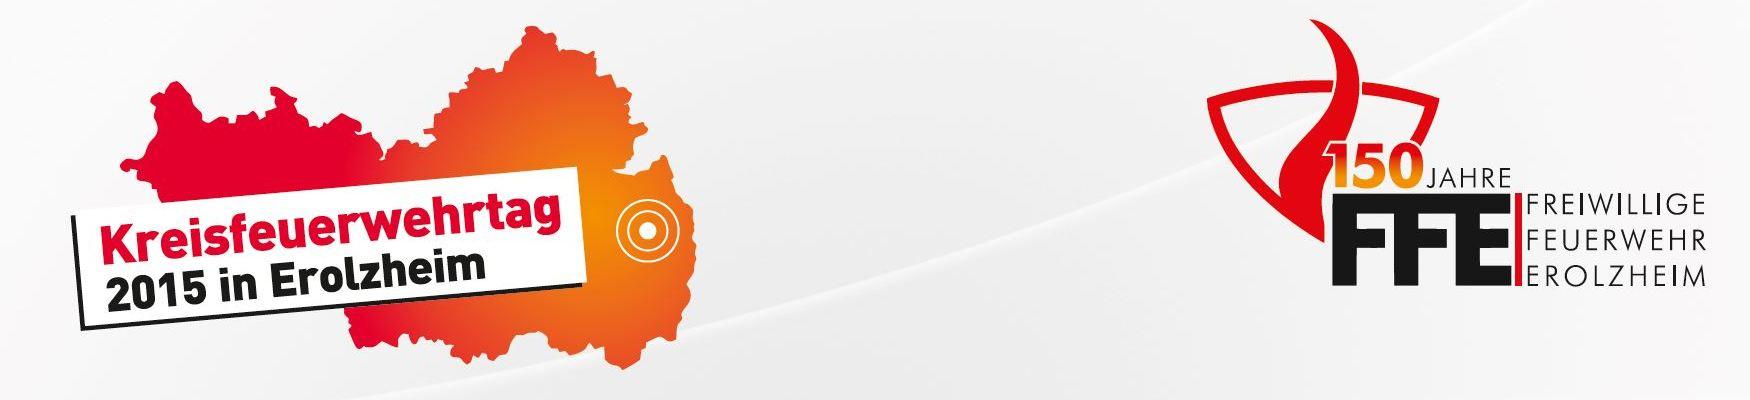 Wettbewerb Leistungsabzeichen Leistungsspange Geschicklichkeitsfahren Maschinisten KFT2015 Kreisfeuerwehrtag 2015 Erolzheim 150 Jahre Freiwillige Feuerwehr Erolzheim Landkreis Biberach